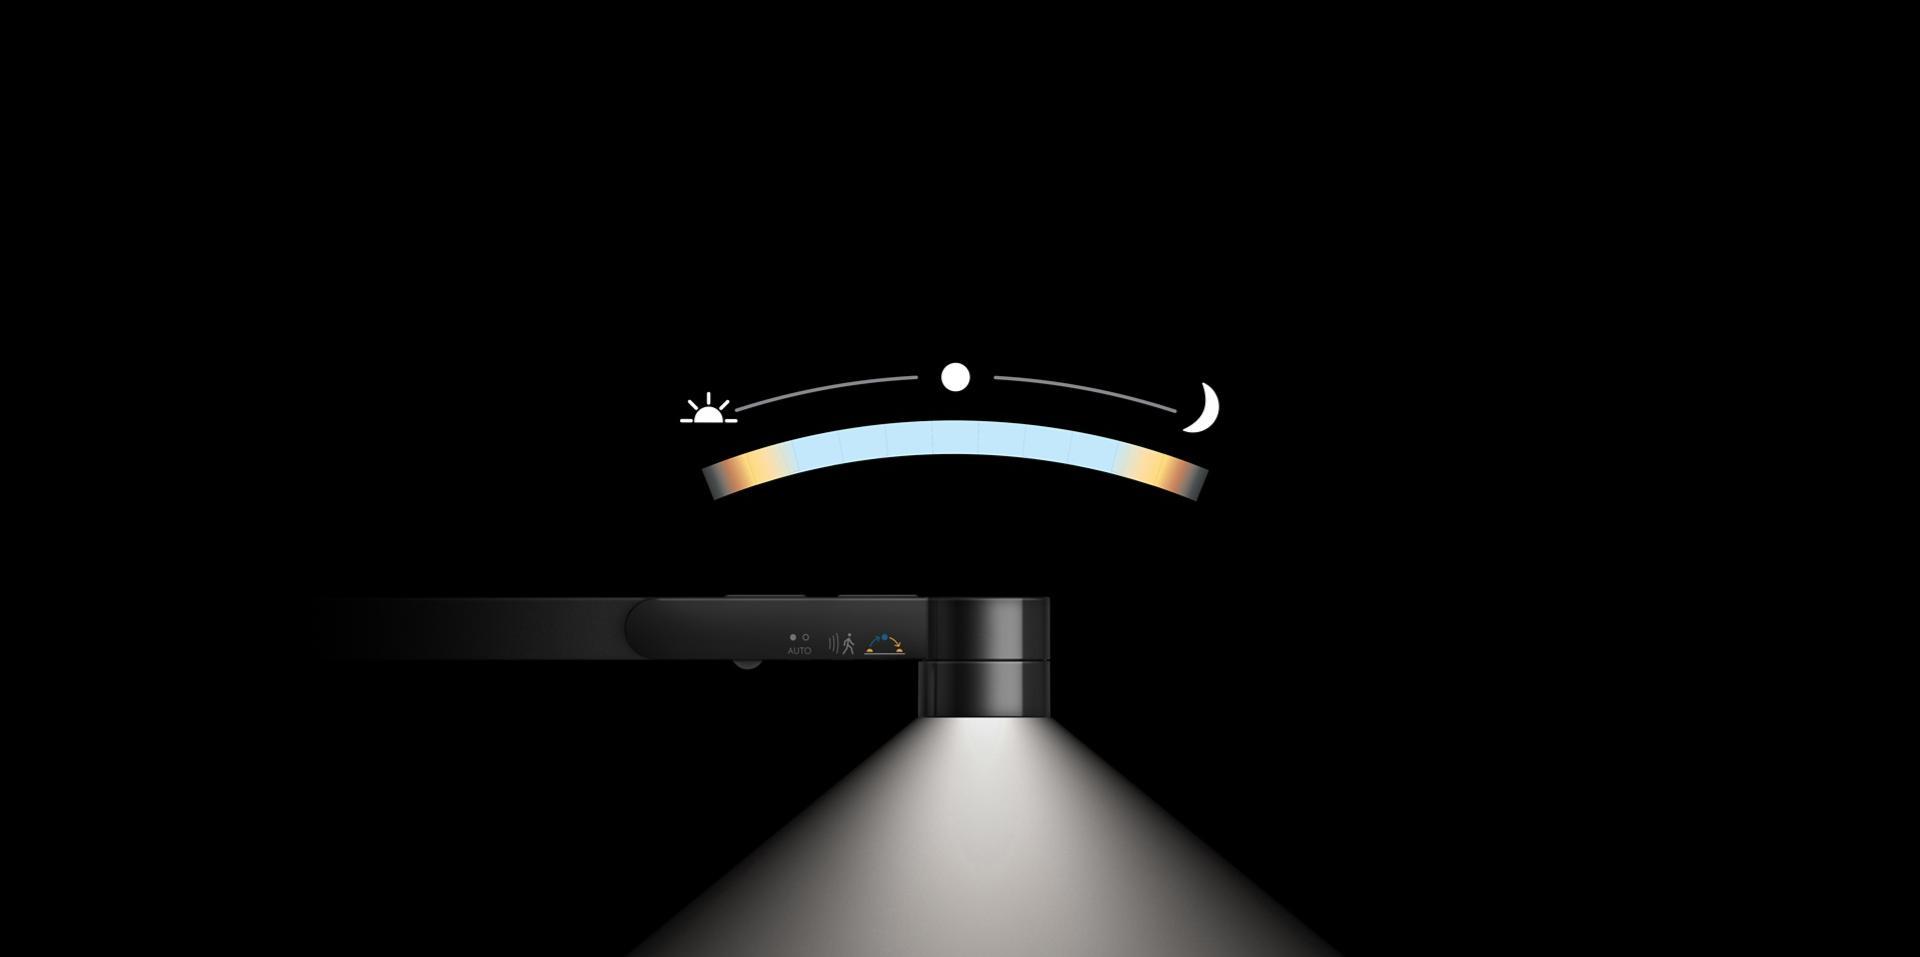 일광 변화에 따라 조절되는 다이슨 라이트 싸이클™ 조명을 보여주는 반응형 도구